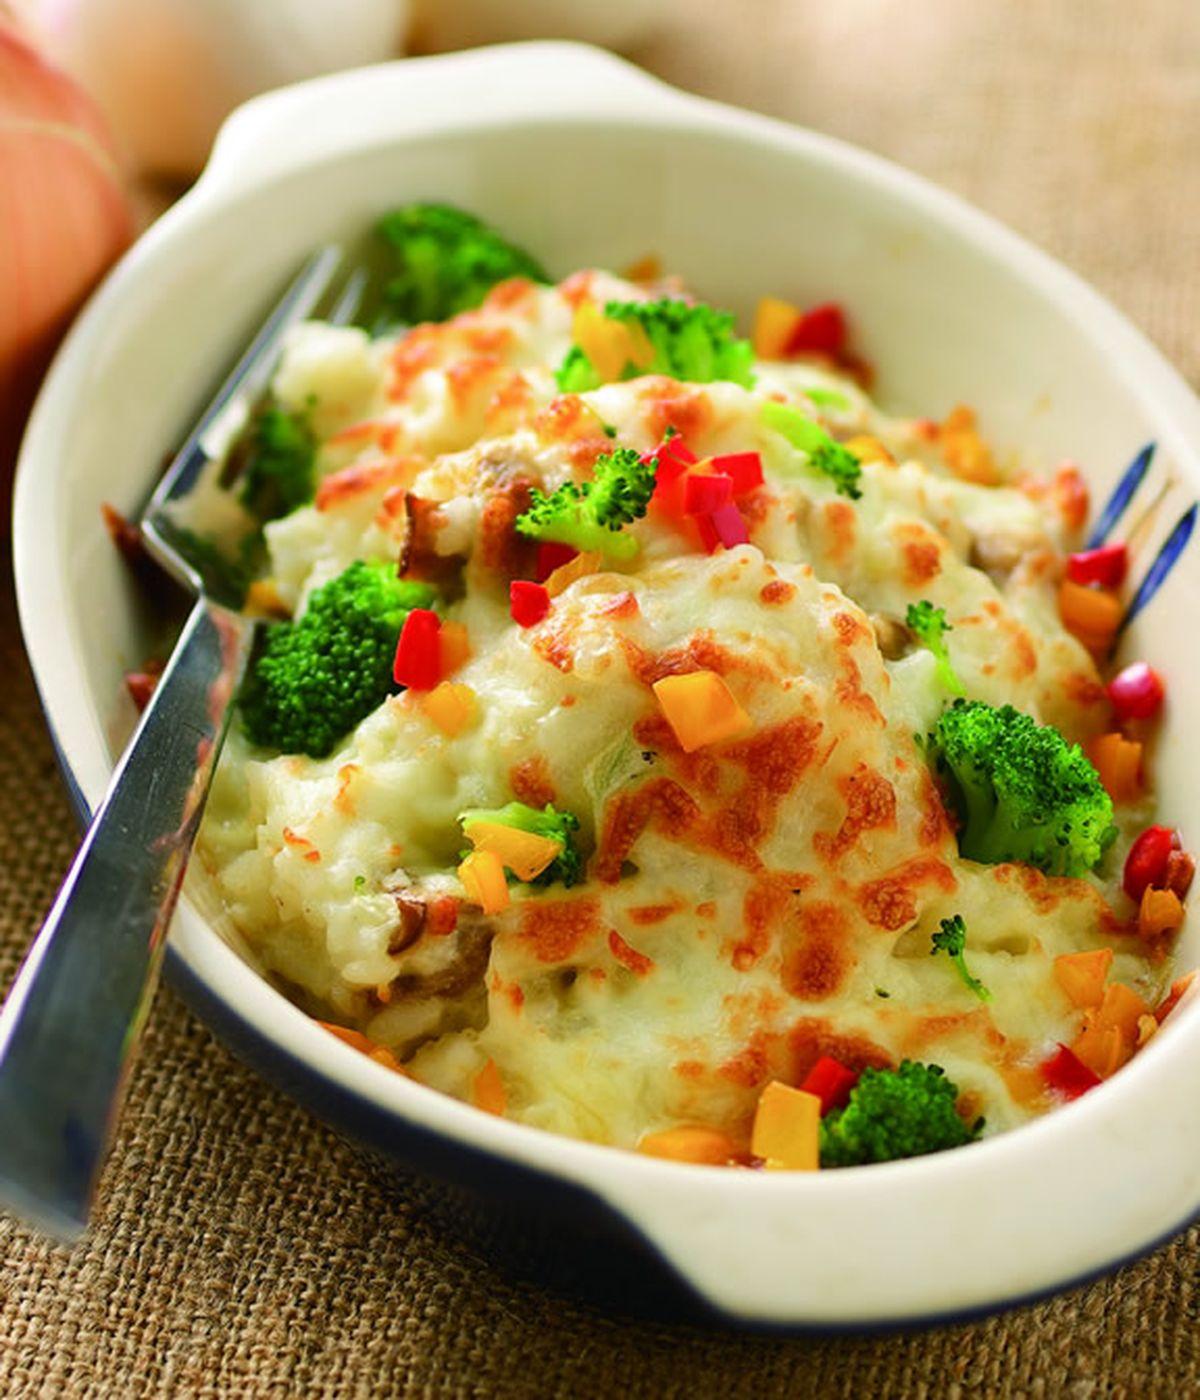 食譜:奶油野菇焗飯